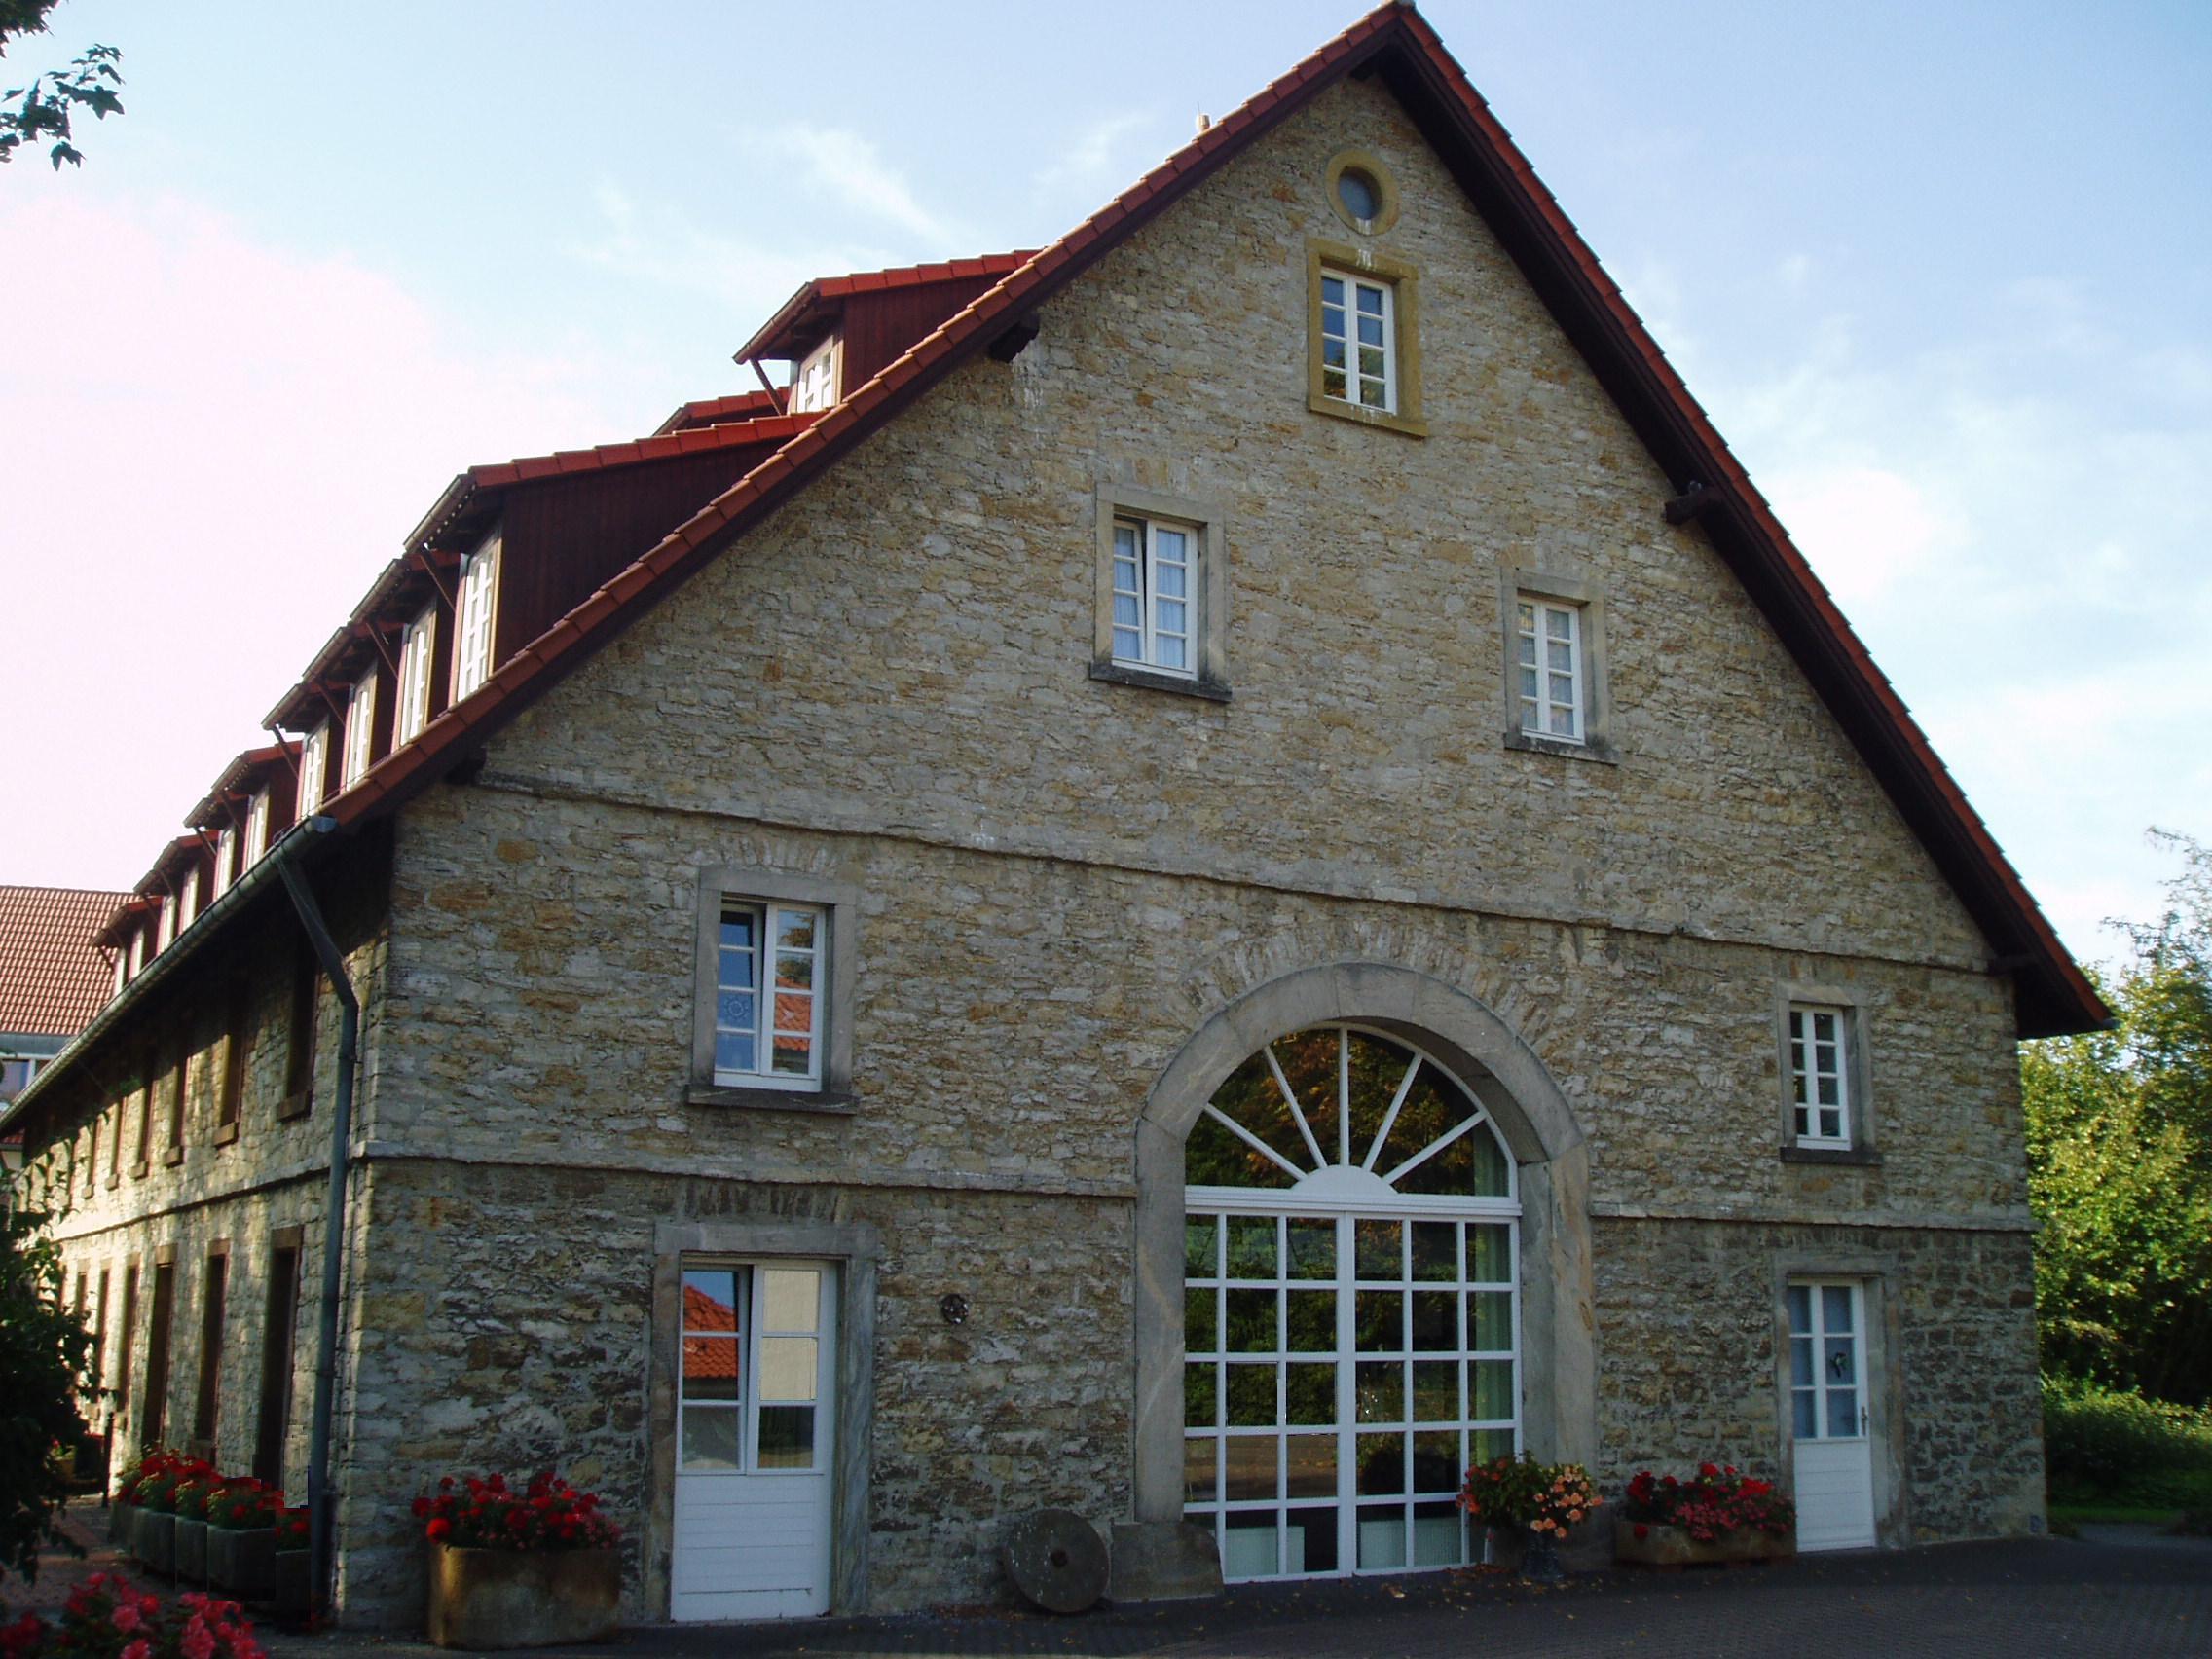 Seniorenruhesitz Sielemann's Hof Alten- und Pflegeheim